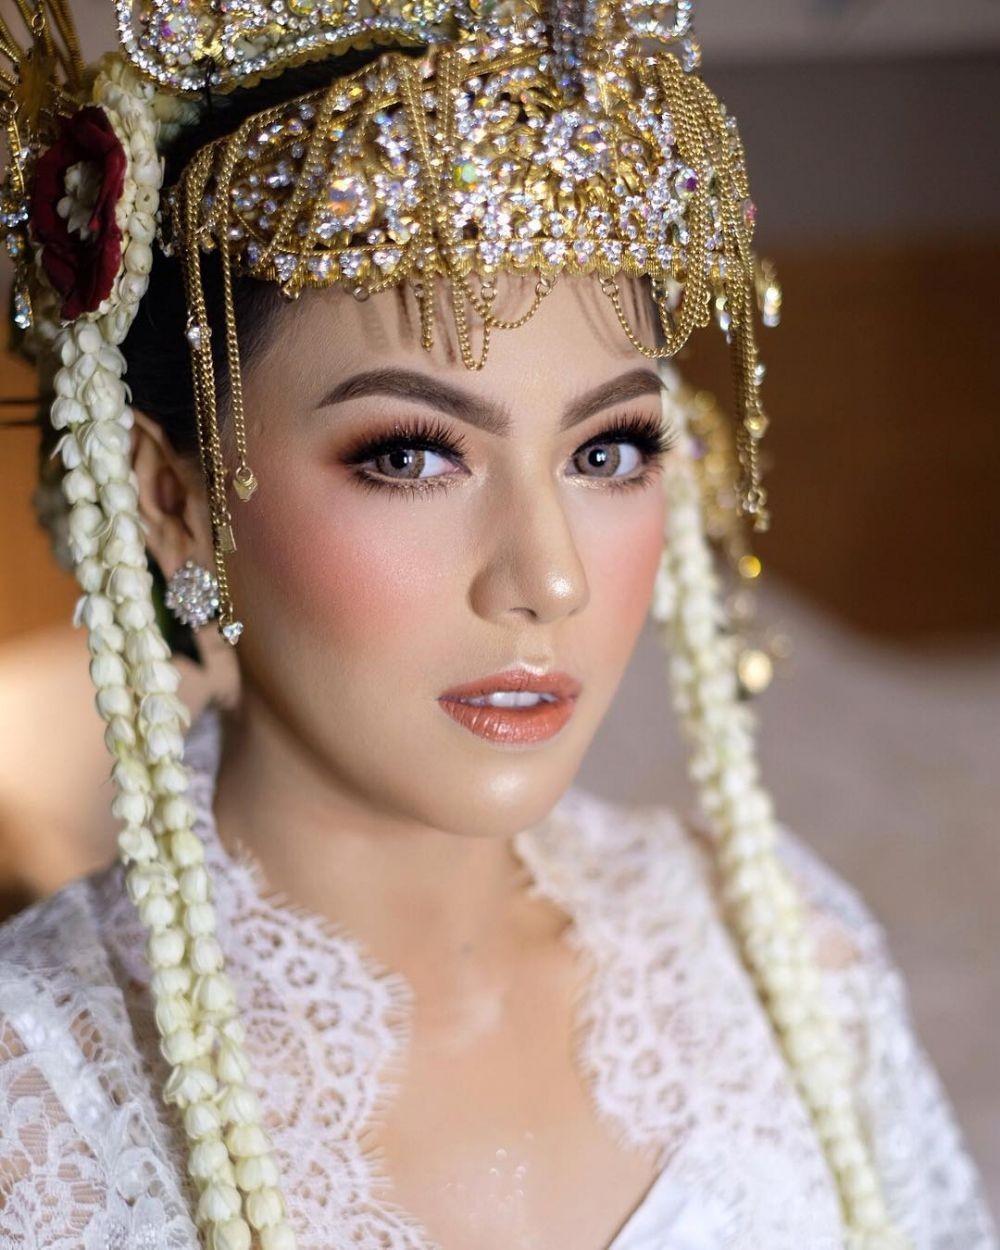 10 Ide Makeup Pengantin untuk Pernikahan Adat Betawi, Mencuri Hati!